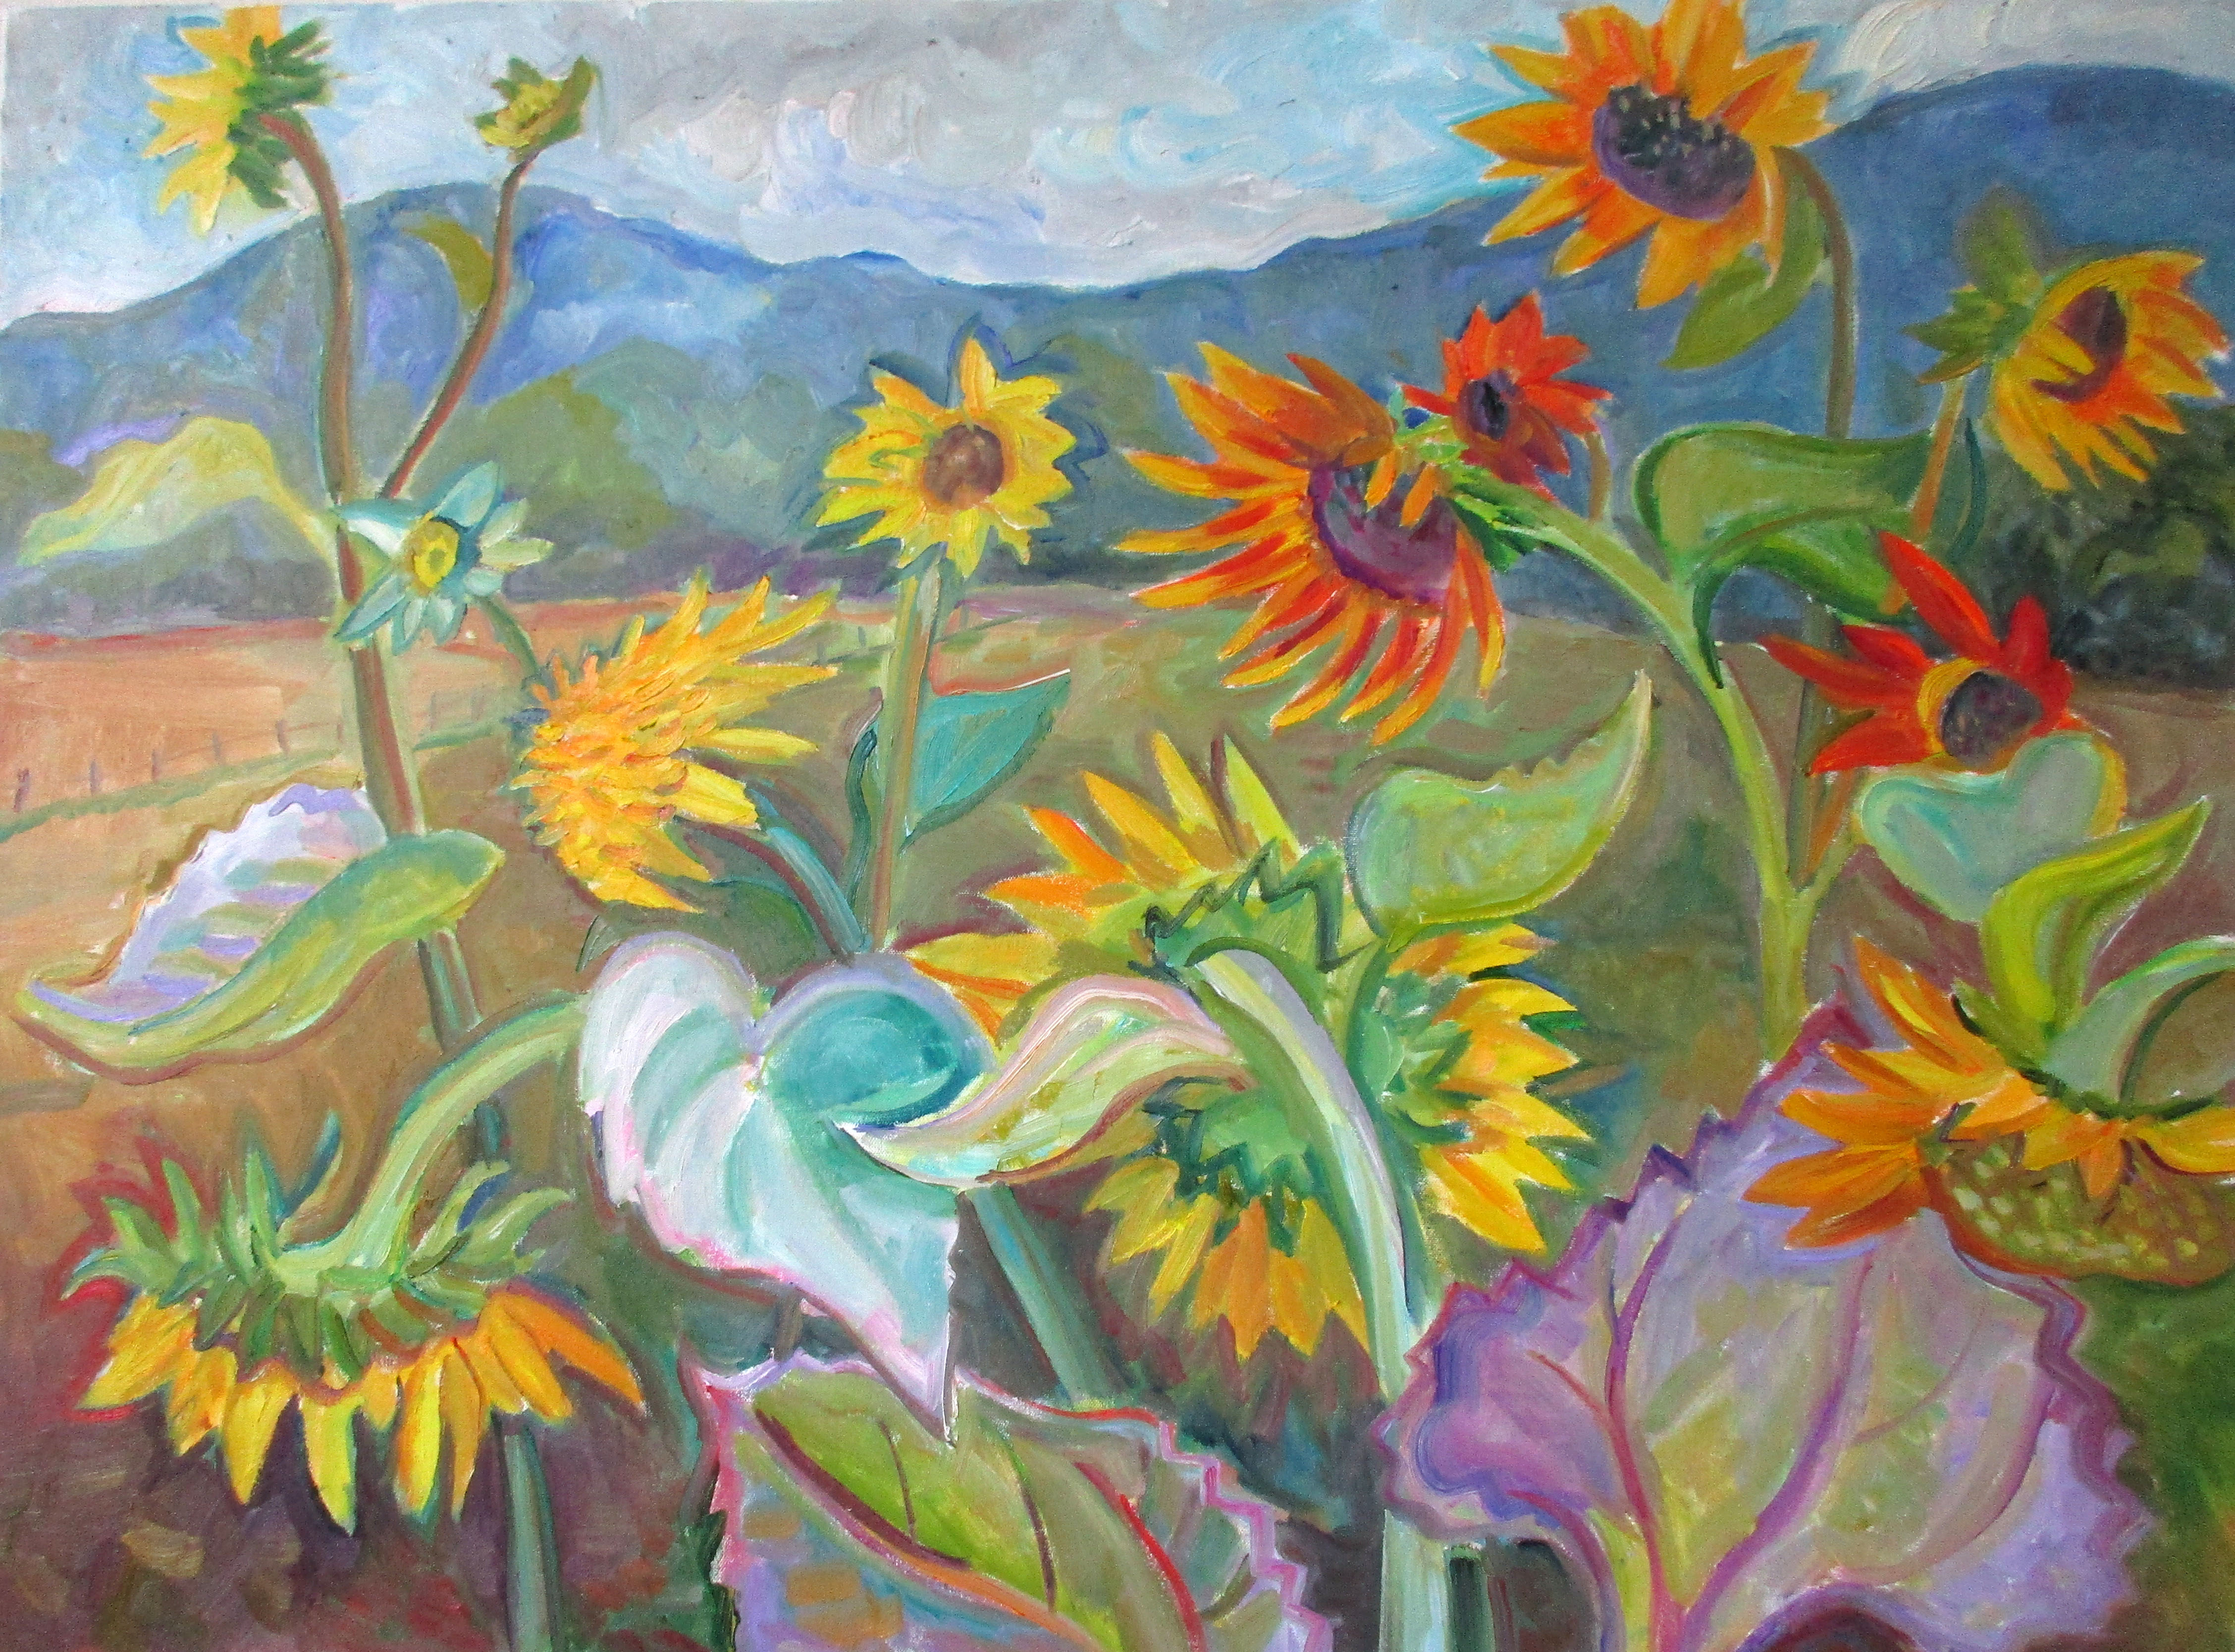 Sunflowers at Naumkeg 30x40